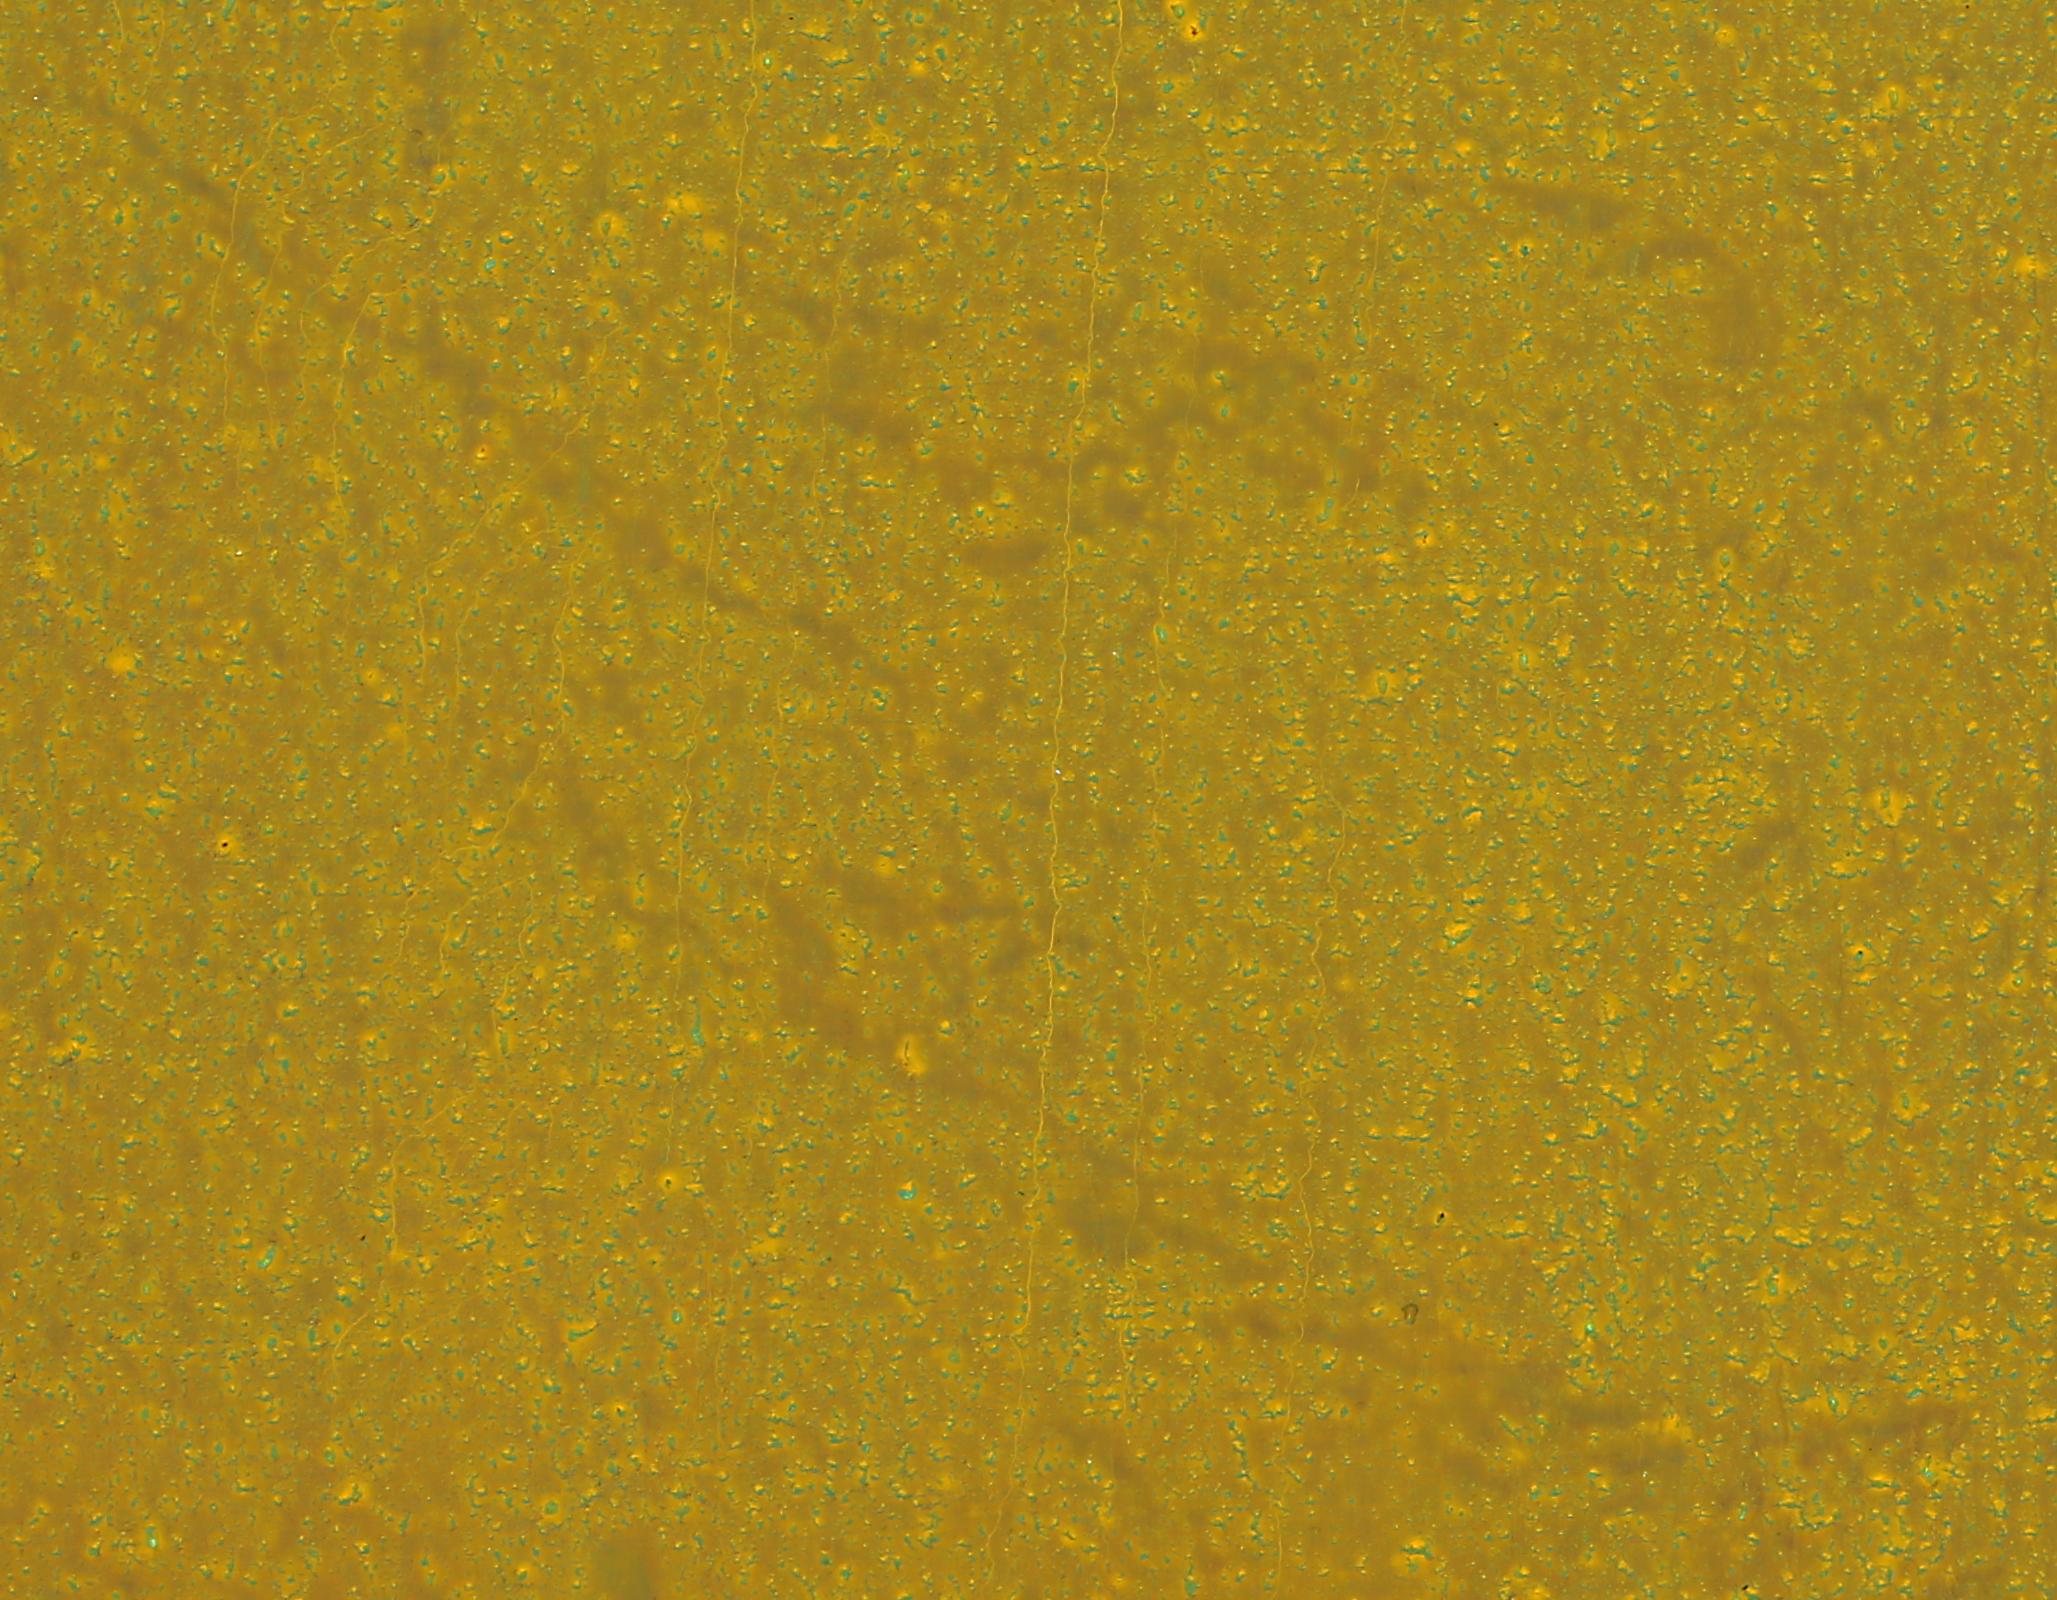 547d06dca23375374ee32380_beekeeper%20detail.jpg